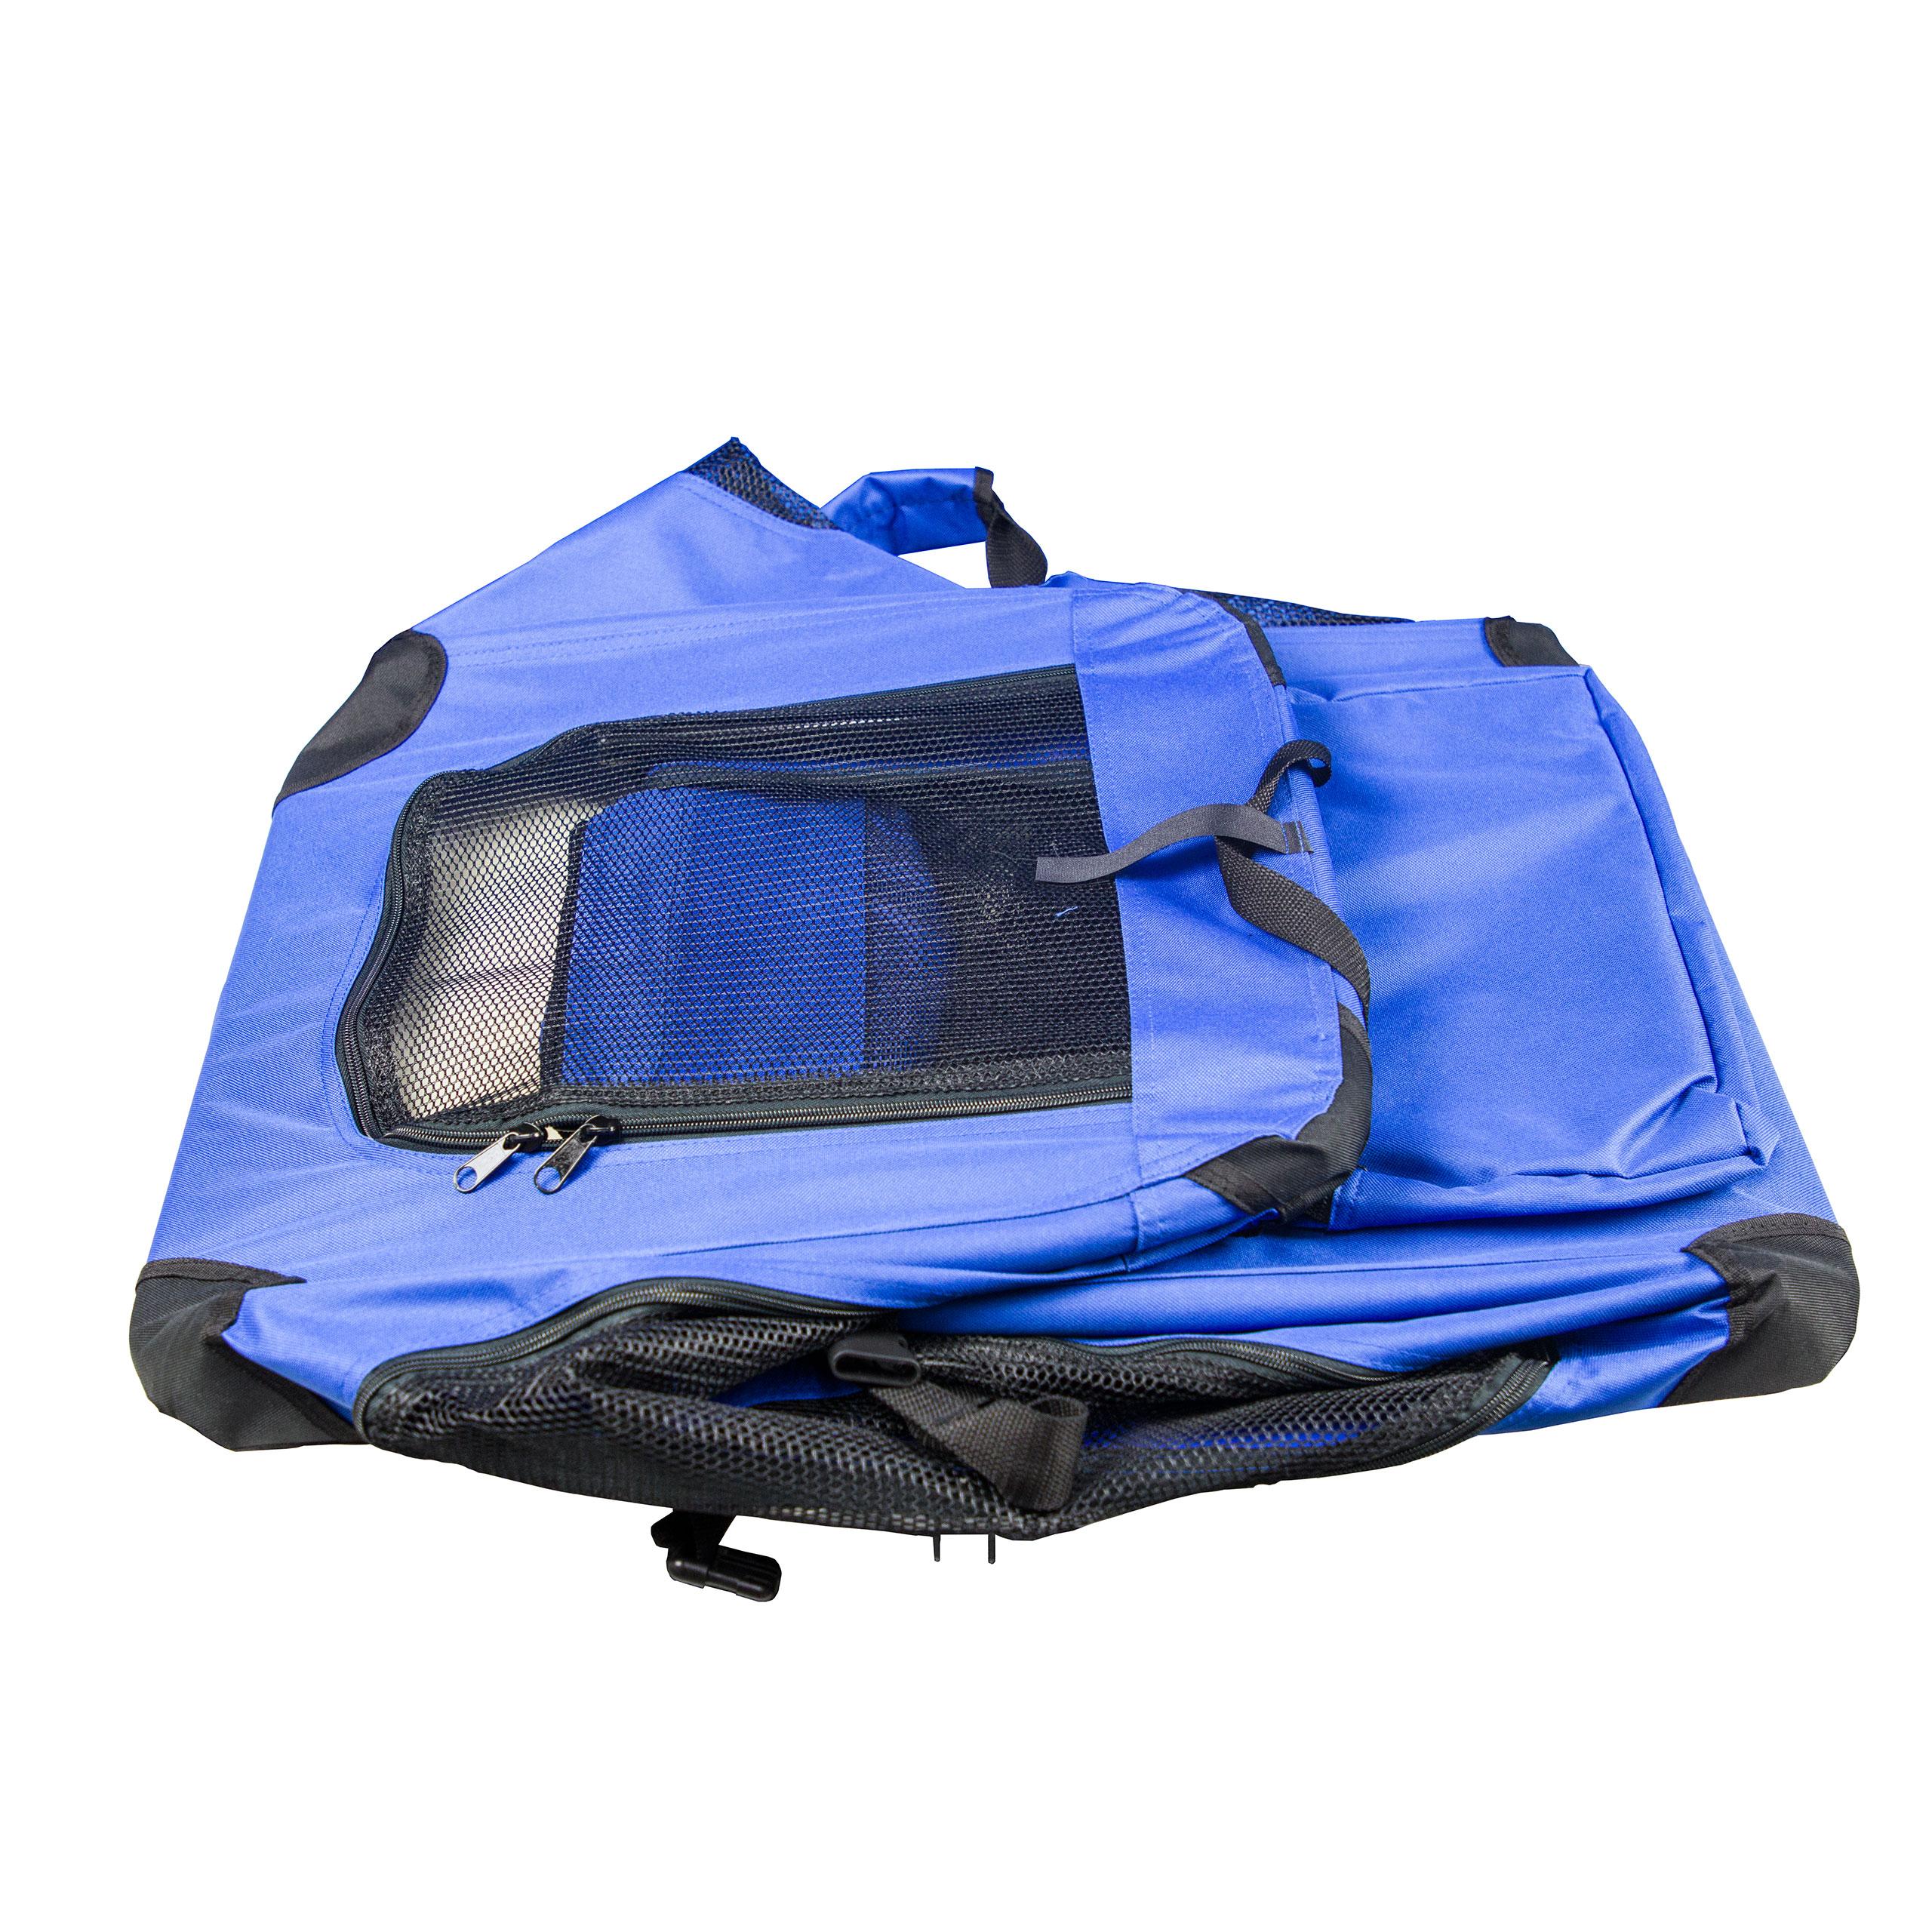 hundetragetasche gr e l hundebox blau transportbox katze. Black Bedroom Furniture Sets. Home Design Ideas